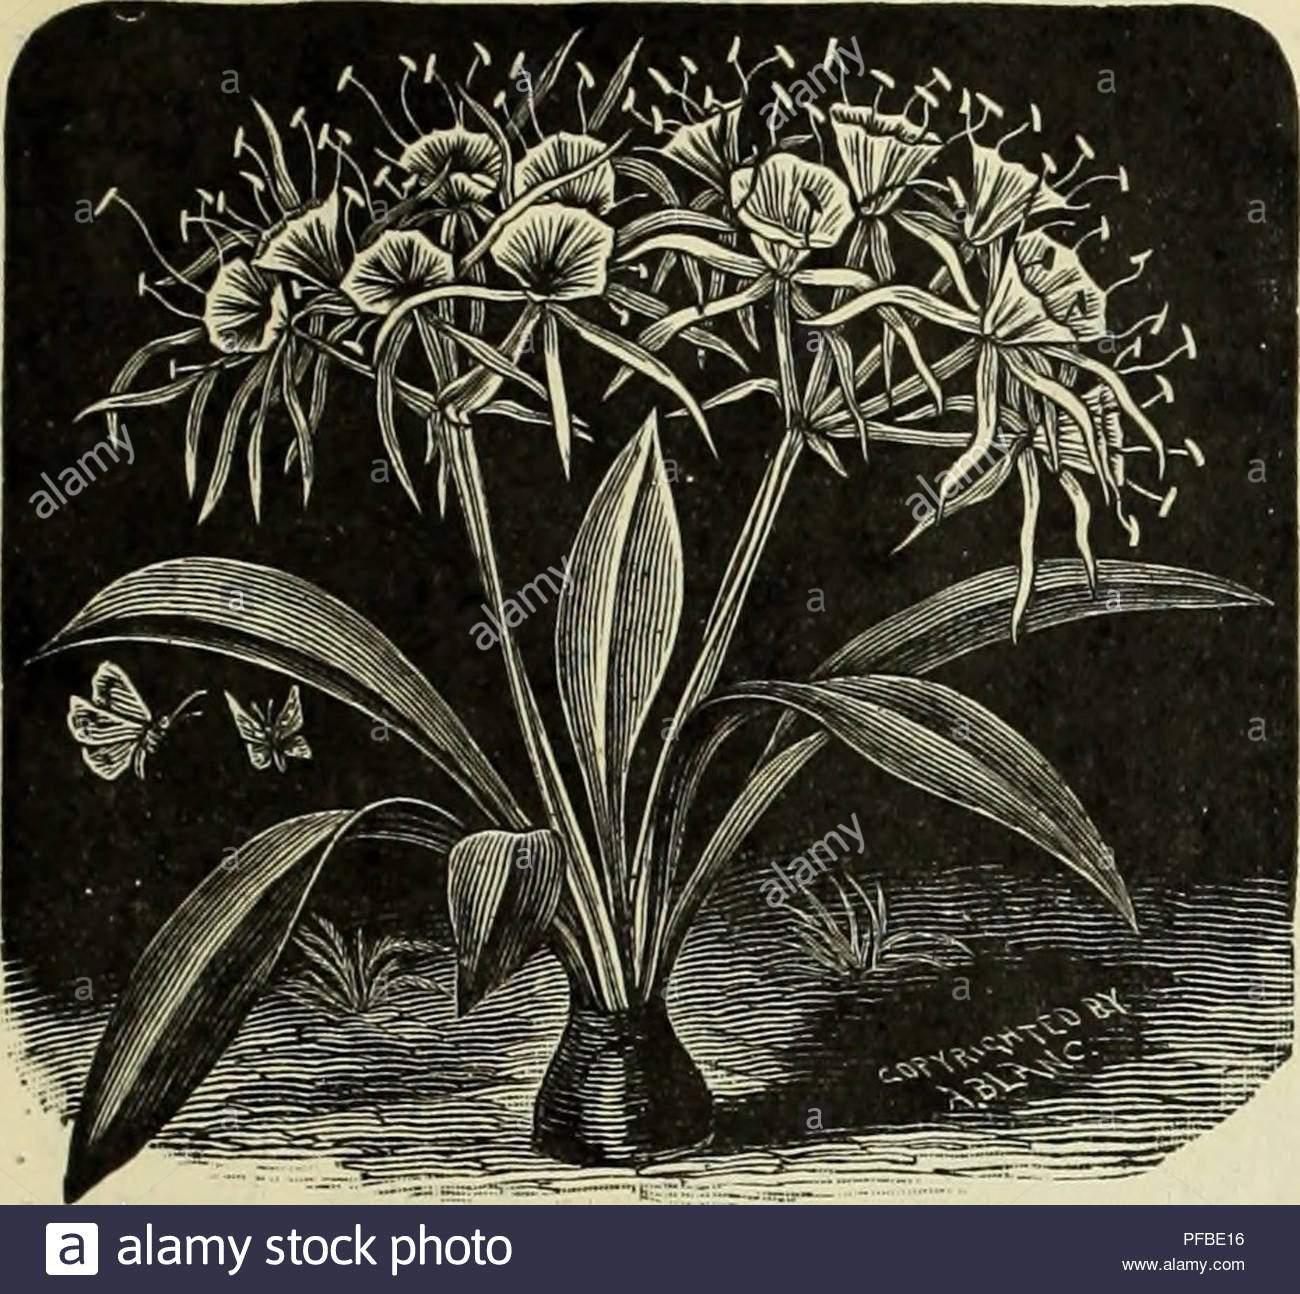 beschreibende und illustrierte katalog und handbuchroyal palm baumschulen baumschulen gartenbau florida kataloge tropische pflanzen kataloge obstbaume samlinge kataloge zitrusfruchte industrie kataloge kataloge obst pflanzen zierpflanzen kataloge sonstiges abteilung pancraiium caribb eum fspldek lilv nerium flavum duplex doppel gelb ein sehr knappes sortieren 75 cent grosse der oleander wir aussenden wird von vielen unserer kunden gekennzeichnet sie sind gross wie hier sie zu einer grosse innerhalb von ein paar monaten wachsen im norden fast so viele jahre dauern wurde ich drei pflanzen pfbe16